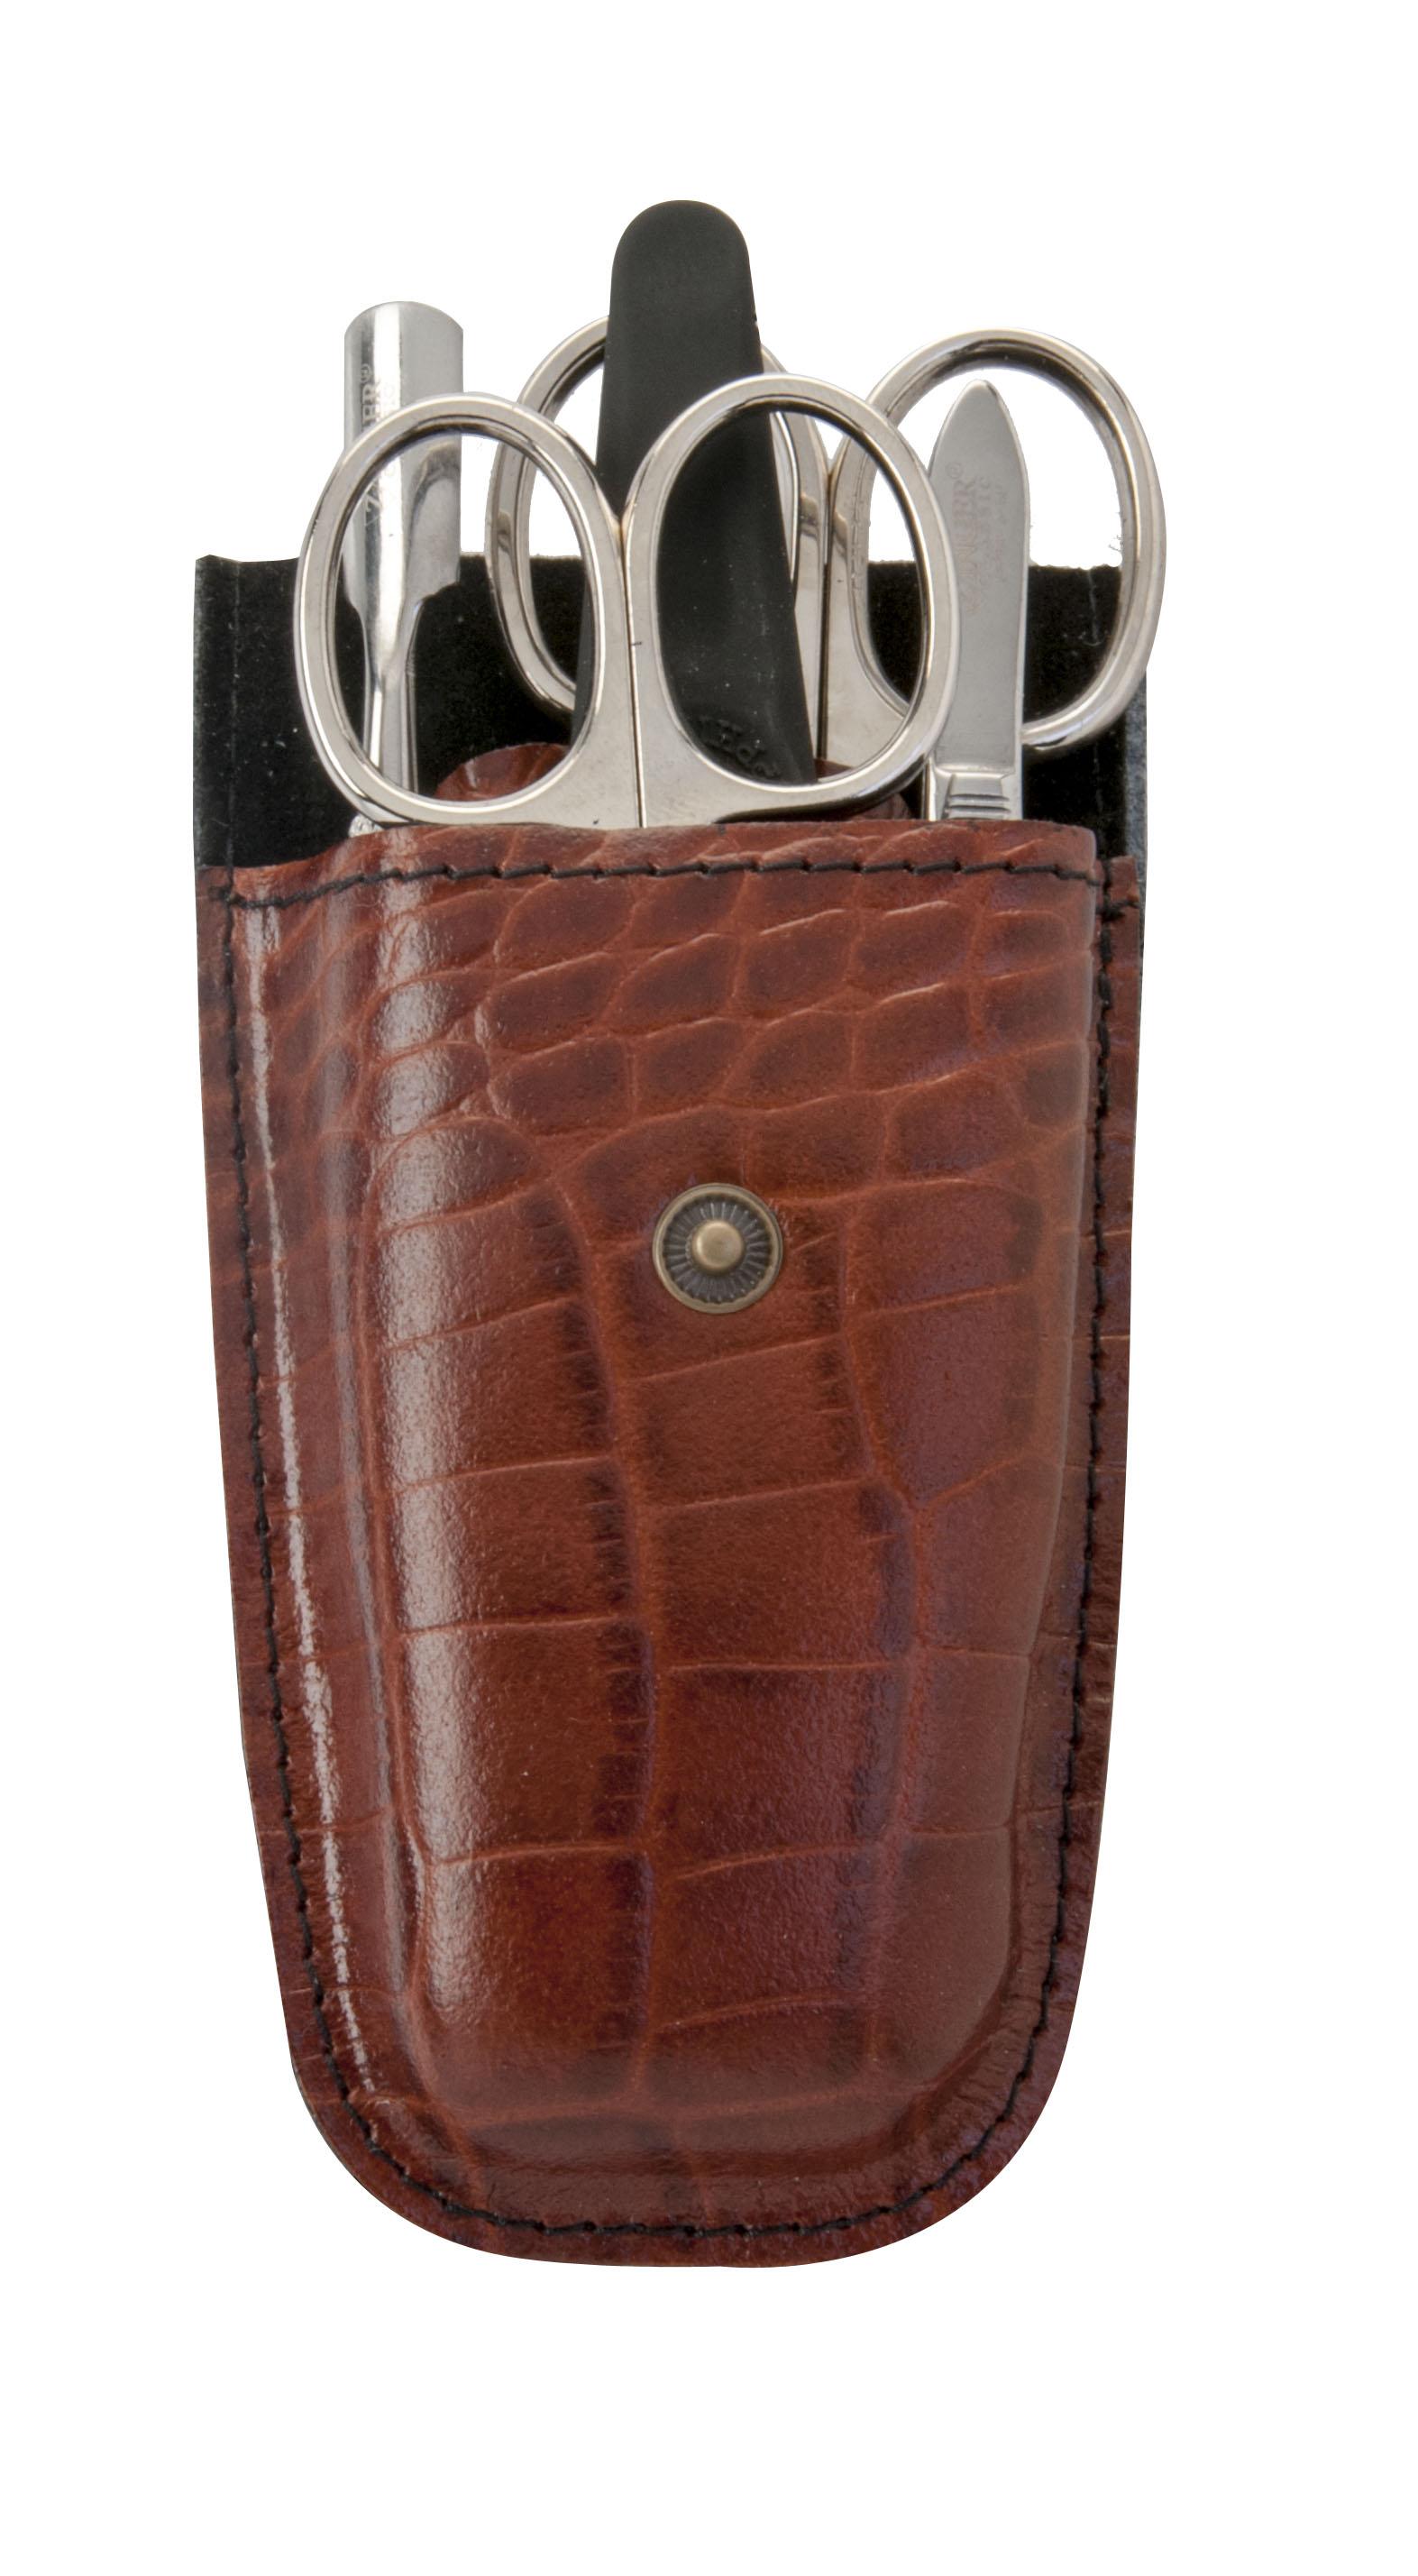 Zinger Маникюрный набор zMs Z-5-S-SF14647Ман. набор 5 предметов (ножницы кутикульные, ножницы ногтевые, пилка алмазная, металлический двусторонний шабер , пинцет). Чехол натуральная кожа. Цвет инструментов - глянцевое серебро. Оригинальня фирменная коробка